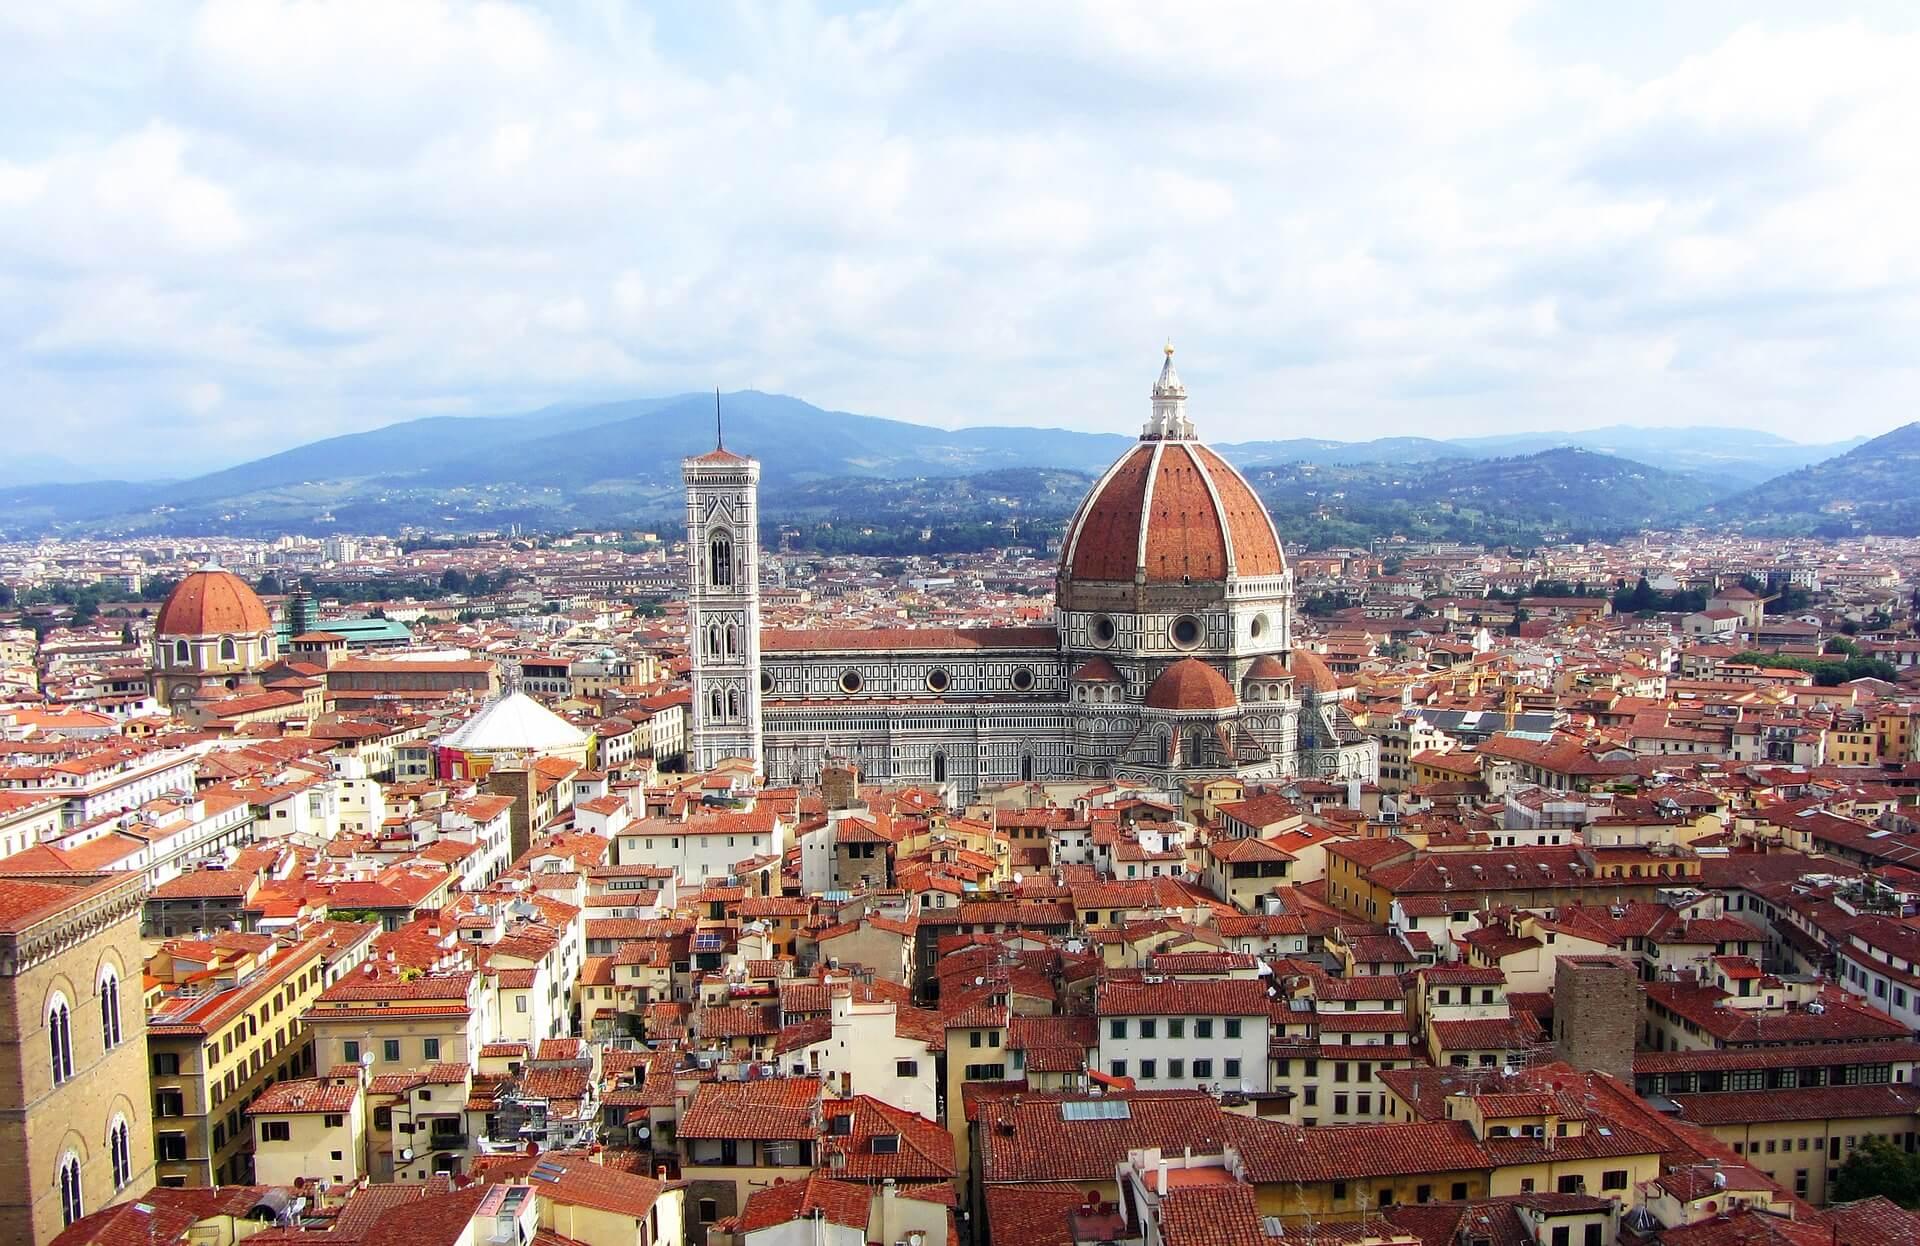 Direktflüge und Billigflüge ab Frankfurt nach Florenz